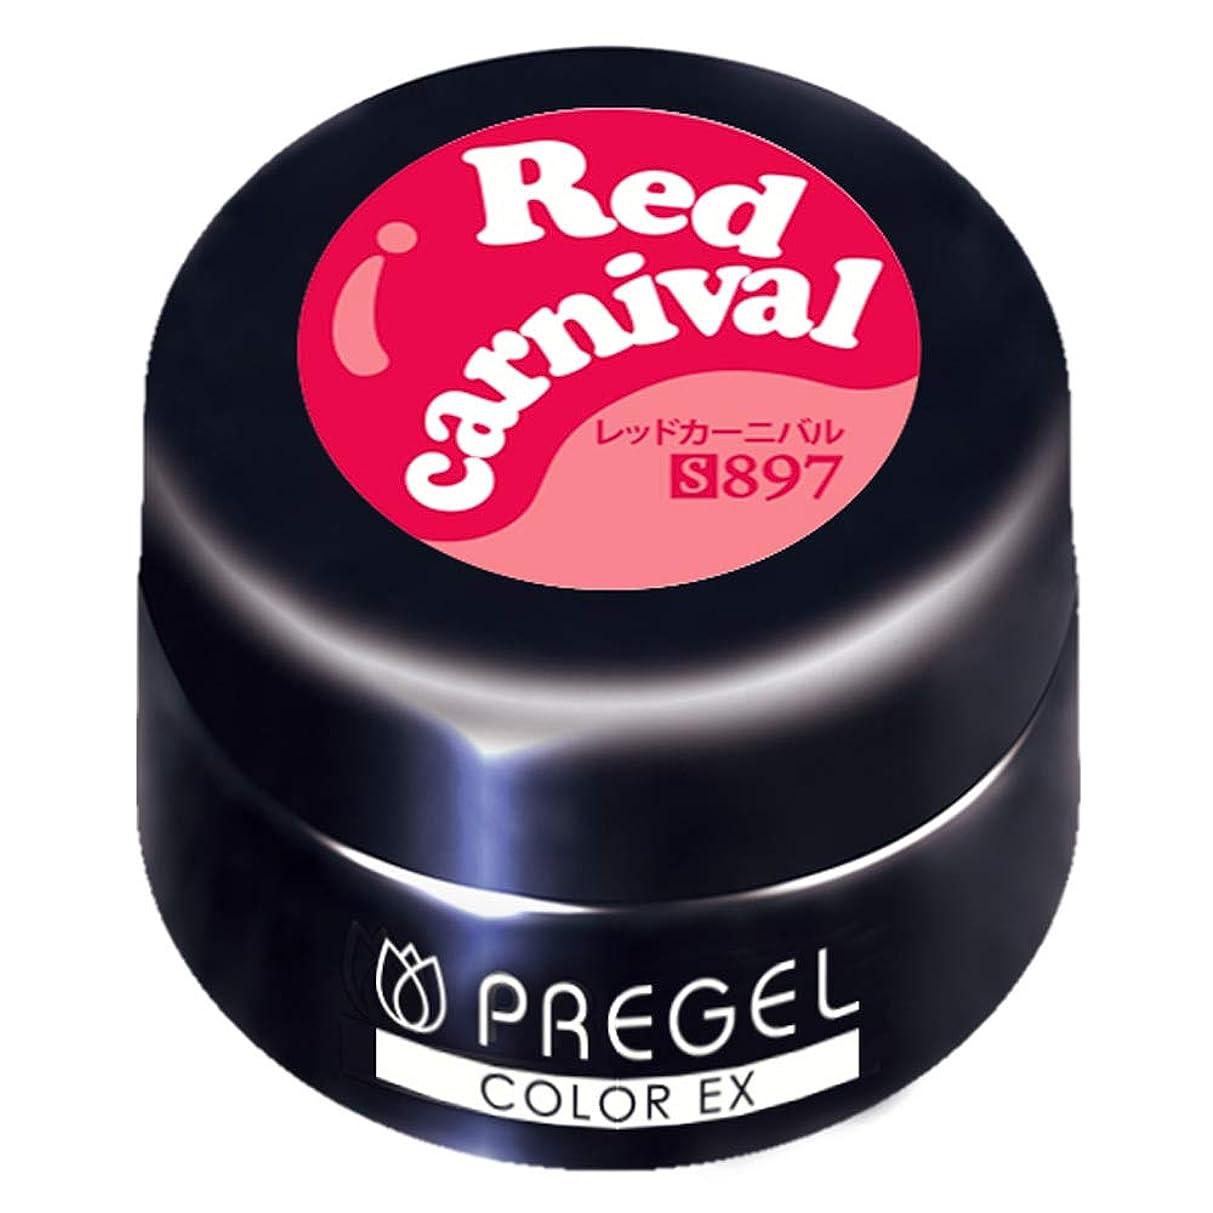 専門知識成功観点PRE GEL カラーEX レッドカーニバル 3g PG-CE897